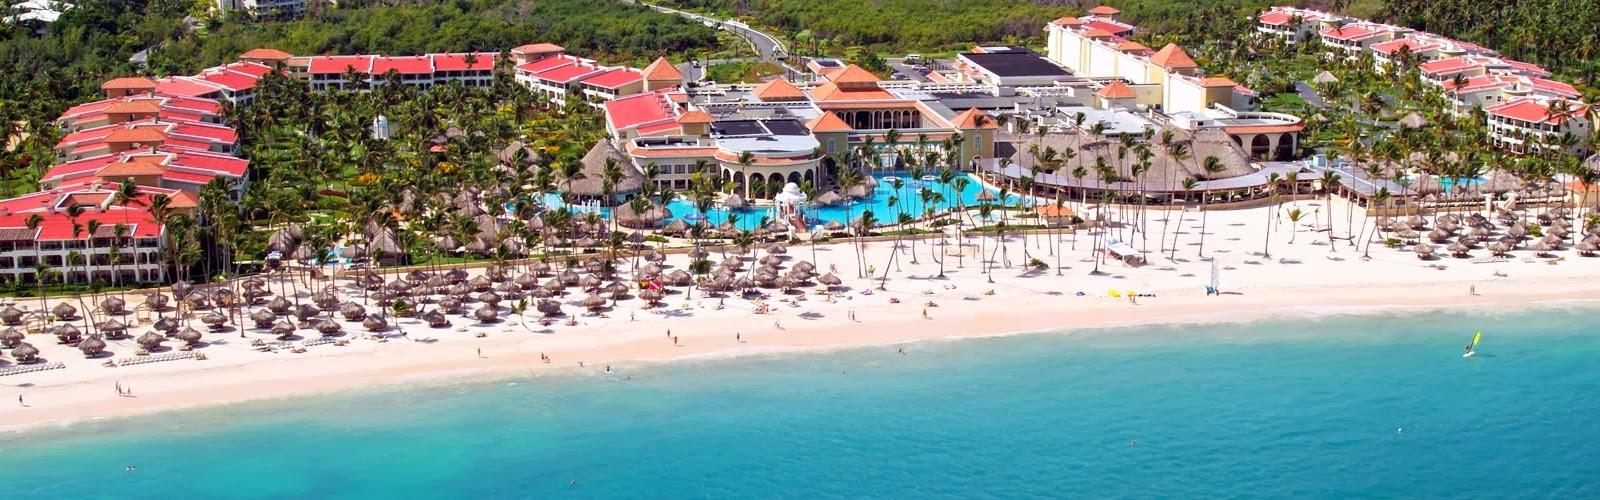 hotel paradisus palma real: